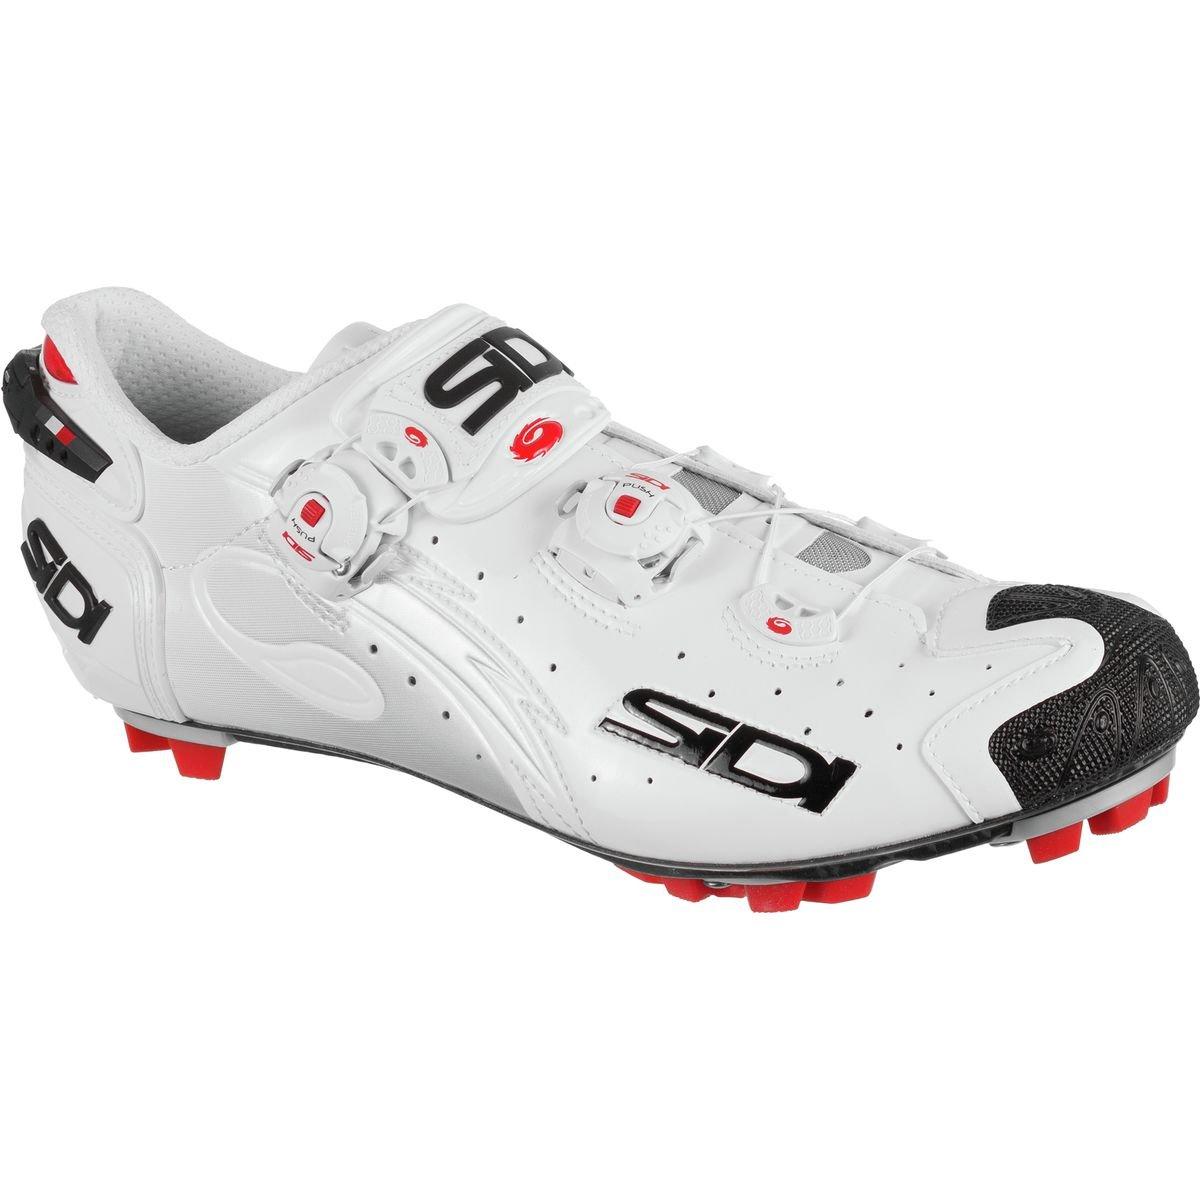 Sidi MTB Schuh Drako Carbon SRS Weiß-Weiß Weiß-Weiß Weiß-Weiß 2cd1e1